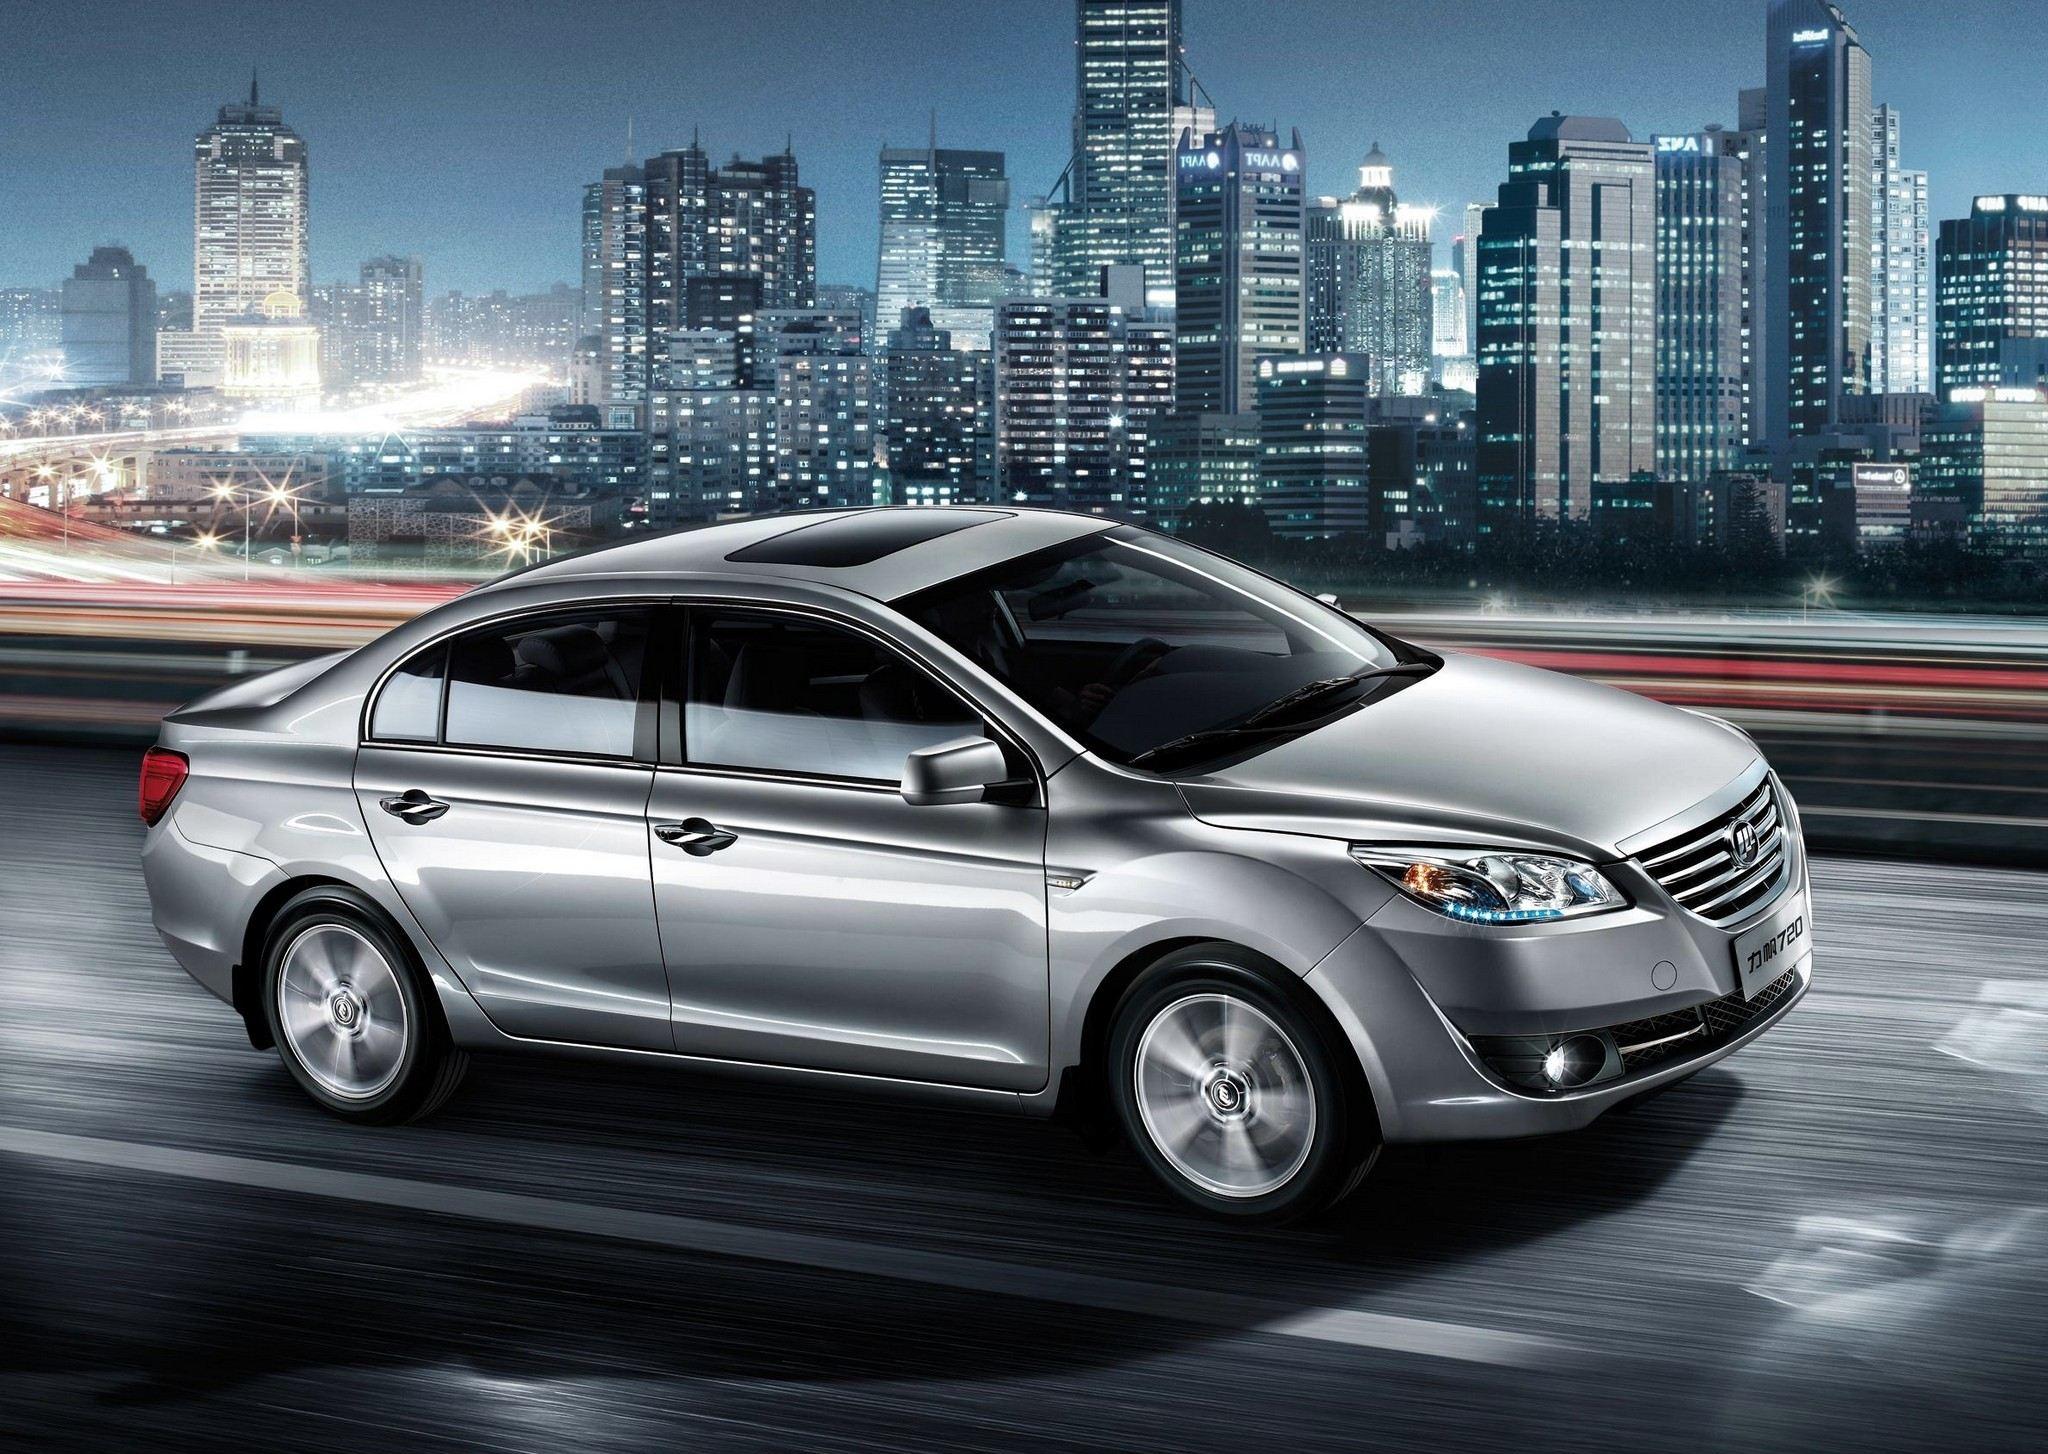 Продажи китайского электромобиля стартуют в России в конце 2015 года